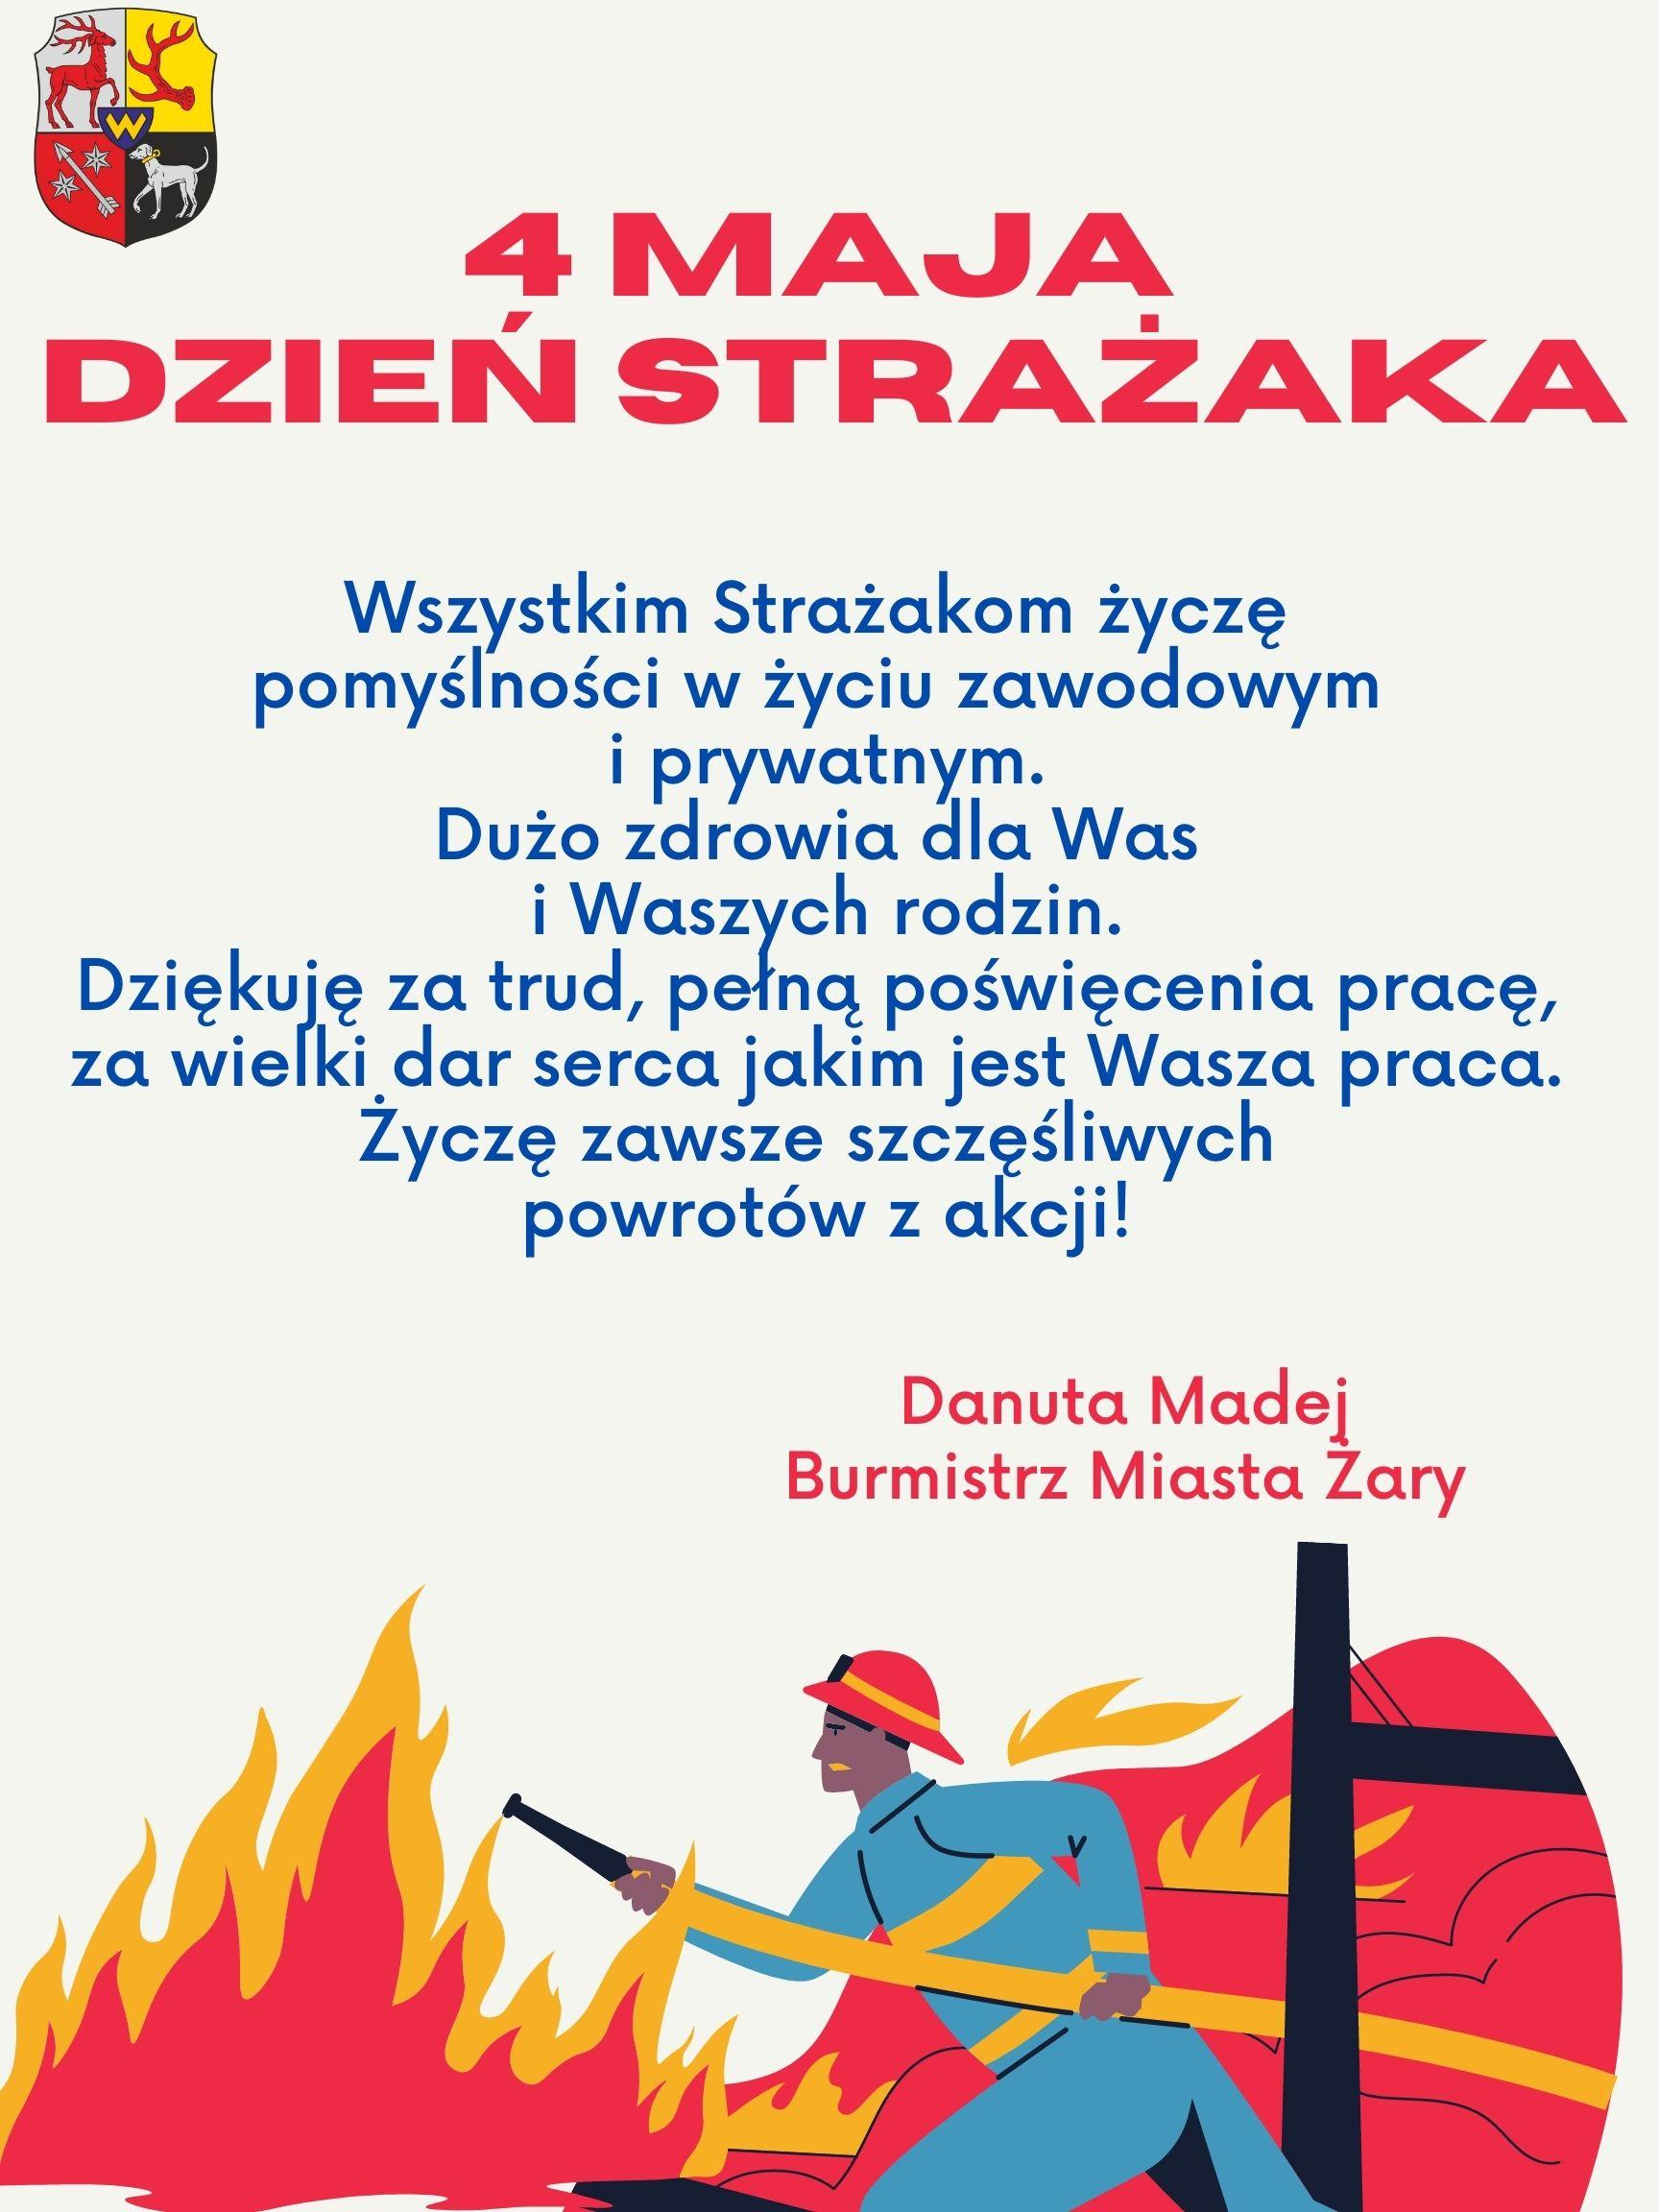 Ilustracja do informacji: 4 Maja dzień Strażaka